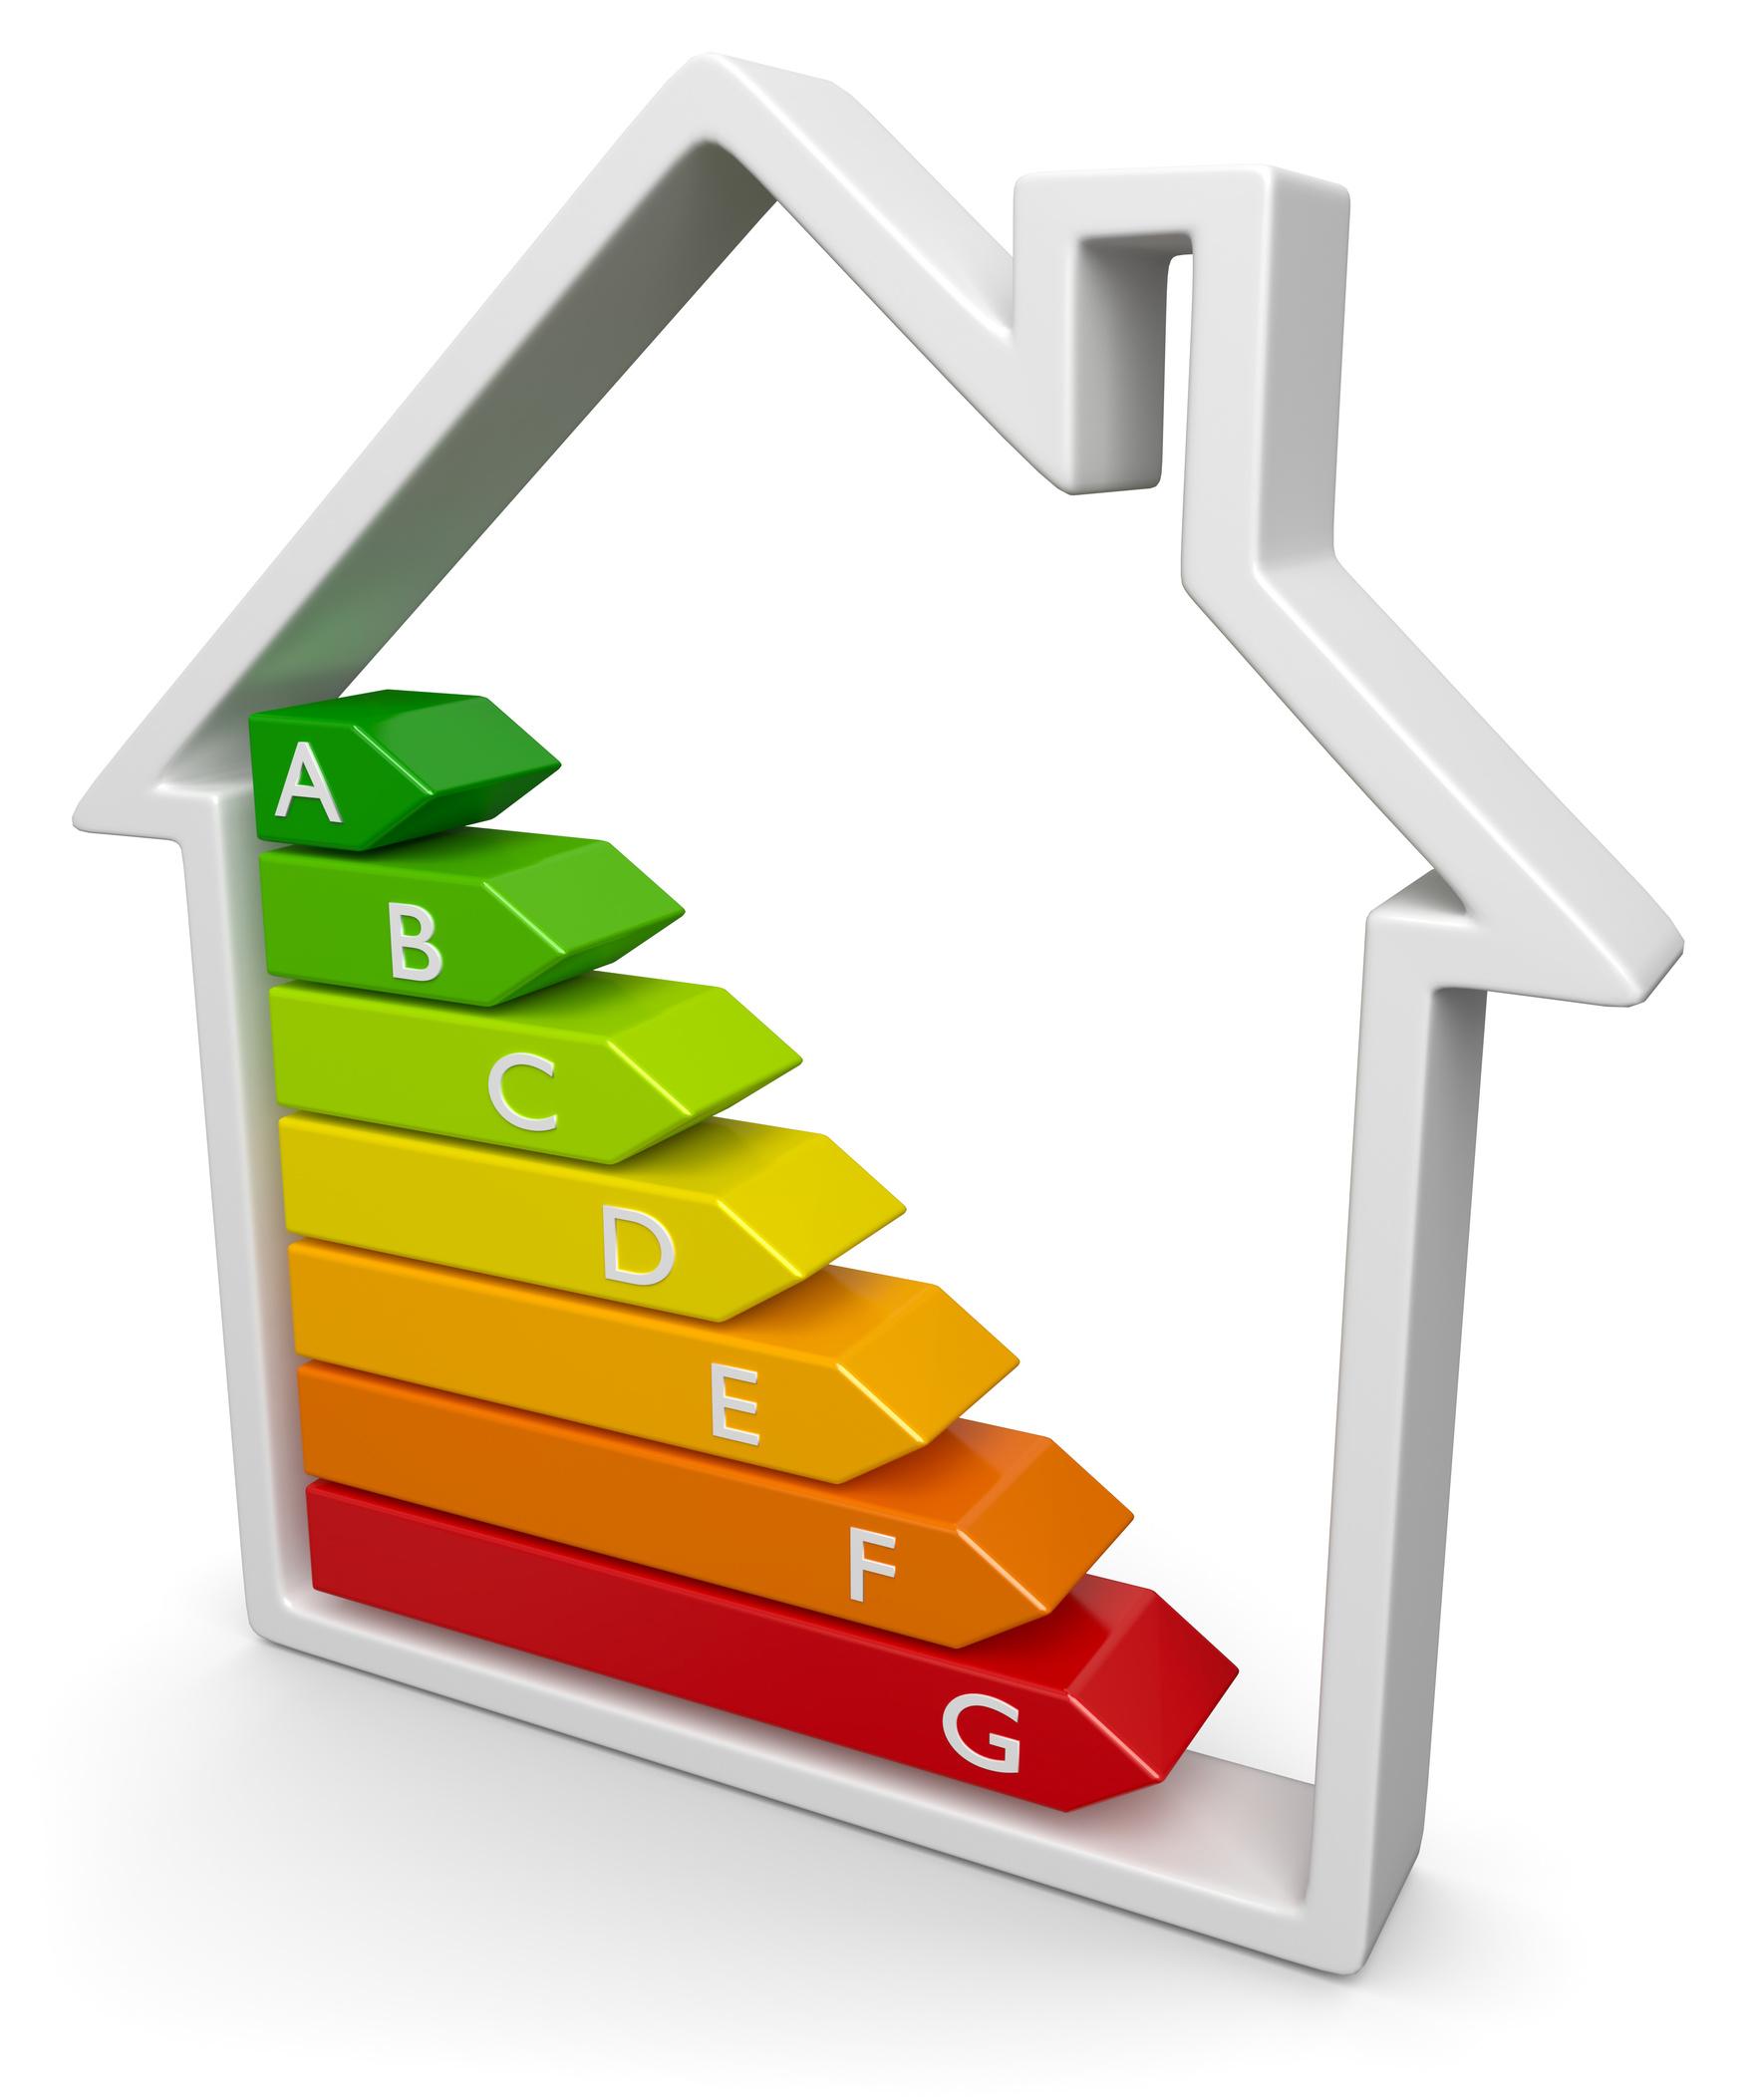 Haus Energieeffizienz Rahmen seitlich - Immobilien Consulting